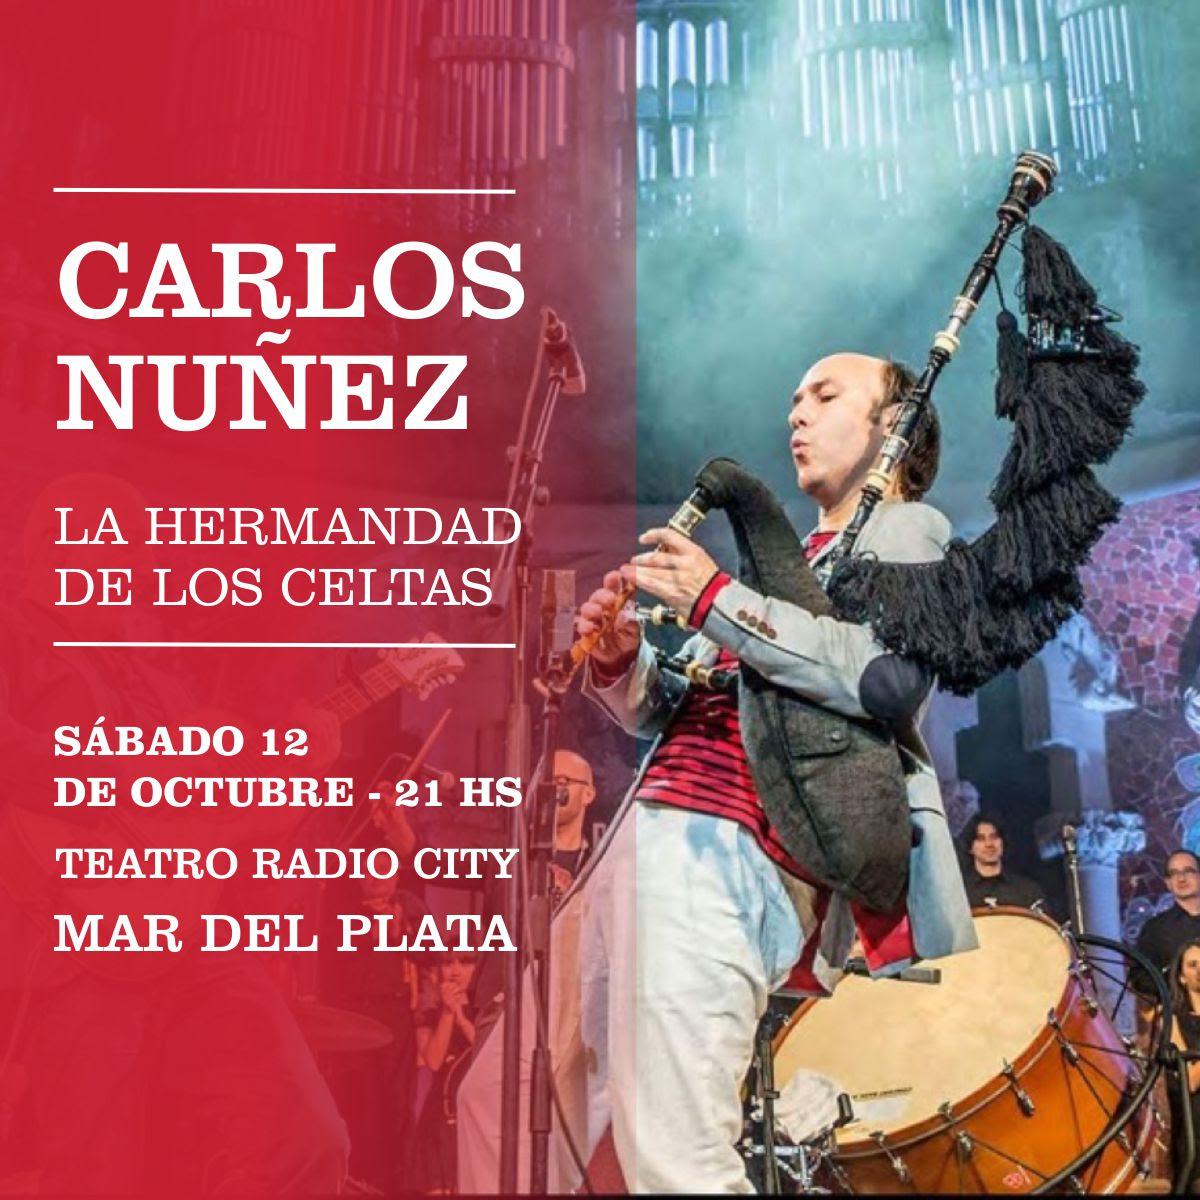 """Carlos Nuñez llega a Mar del Plata con su show """"La hermandad de los Celtas"""""""